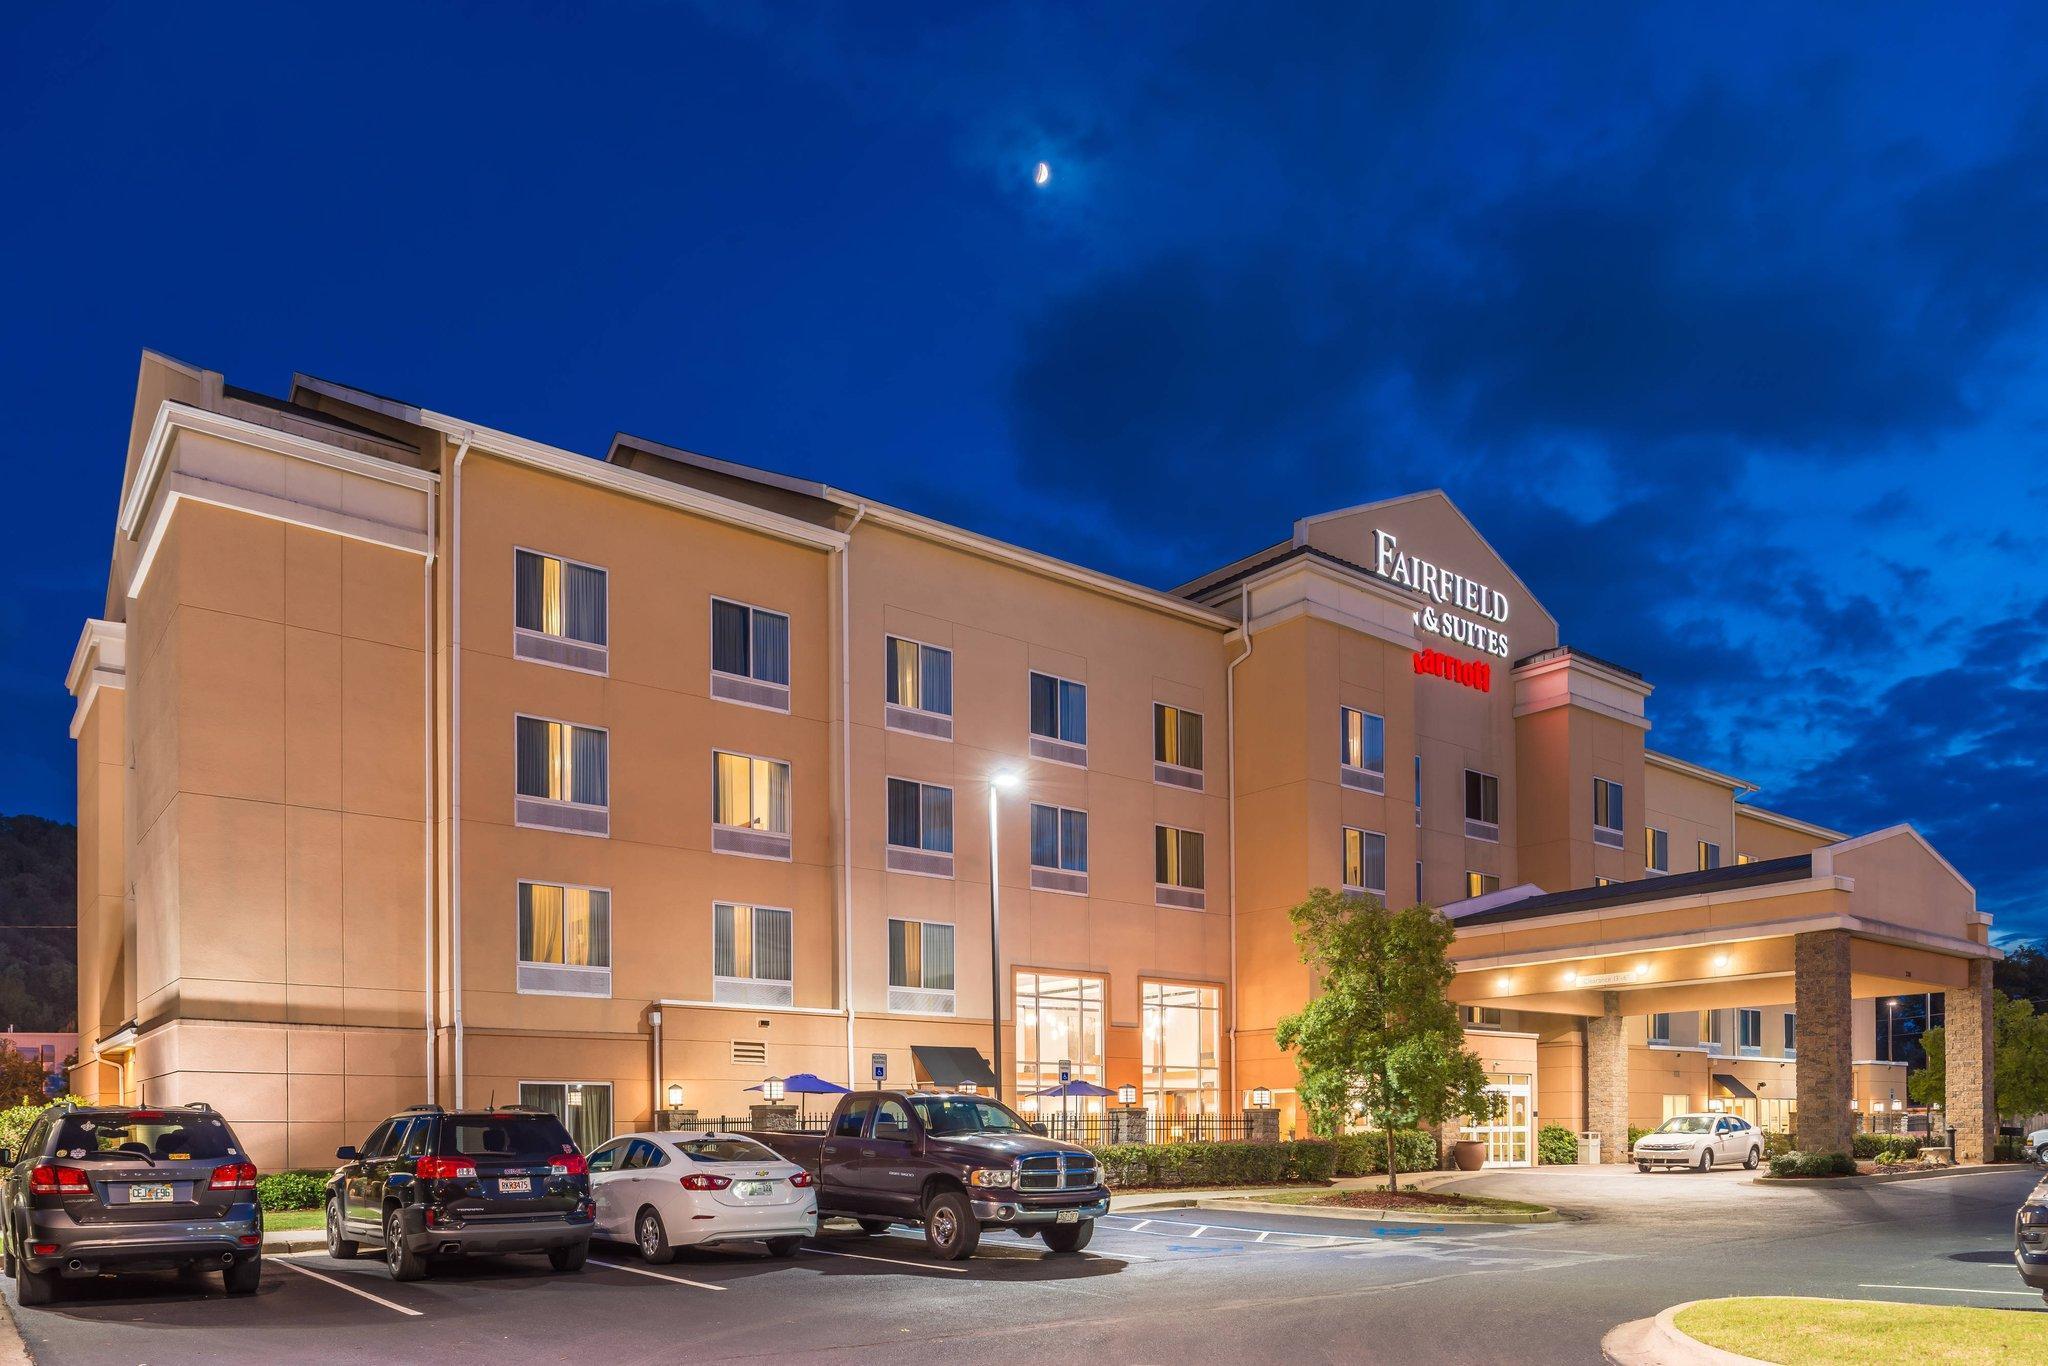 Fairfield Inn And Suites Birmingham Pelham I 65